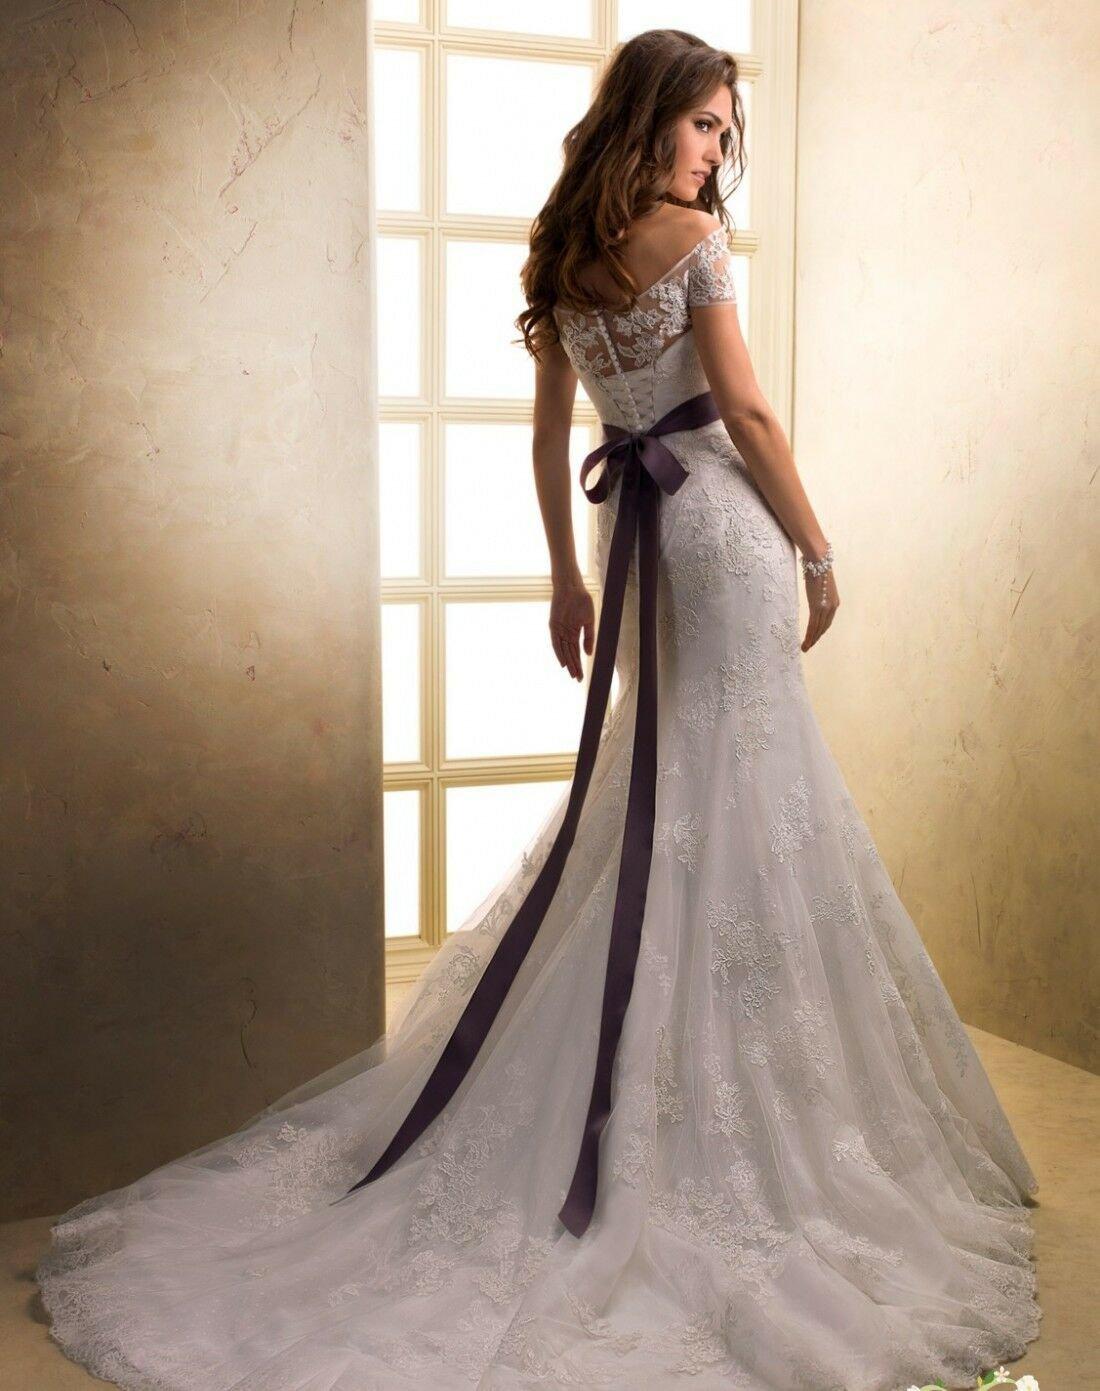 Тренд свадебных платьев 2014 9